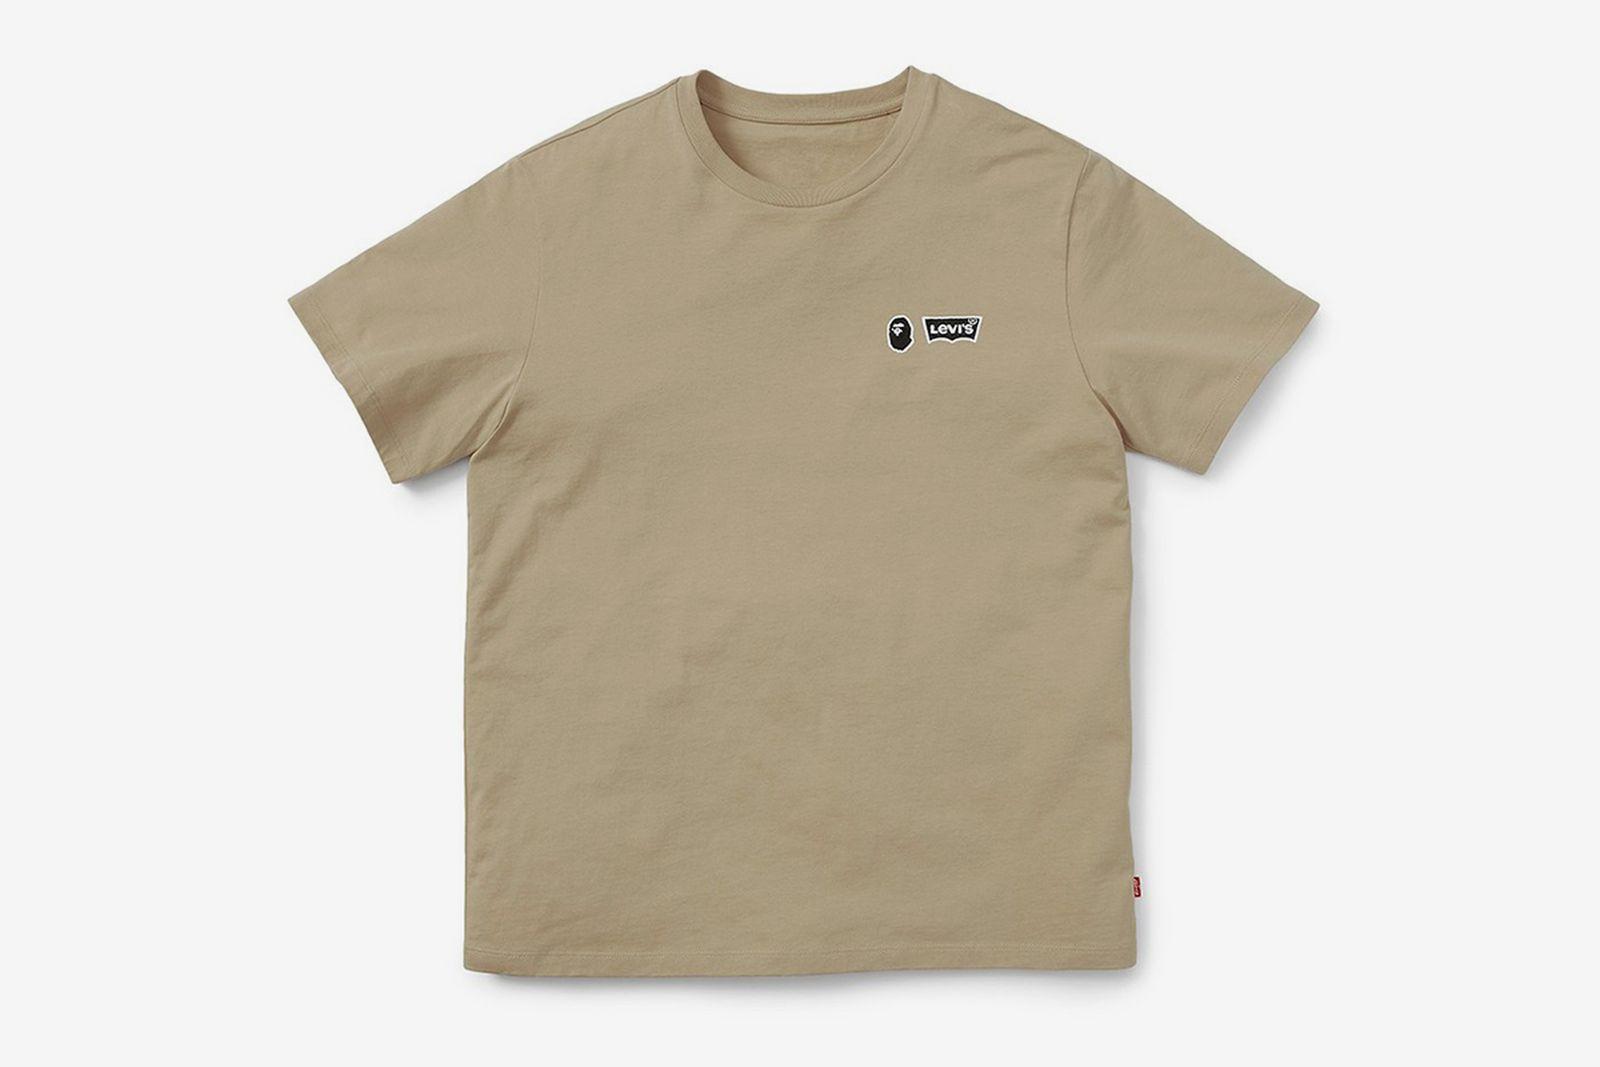 BAPE x Levi's T-shirt